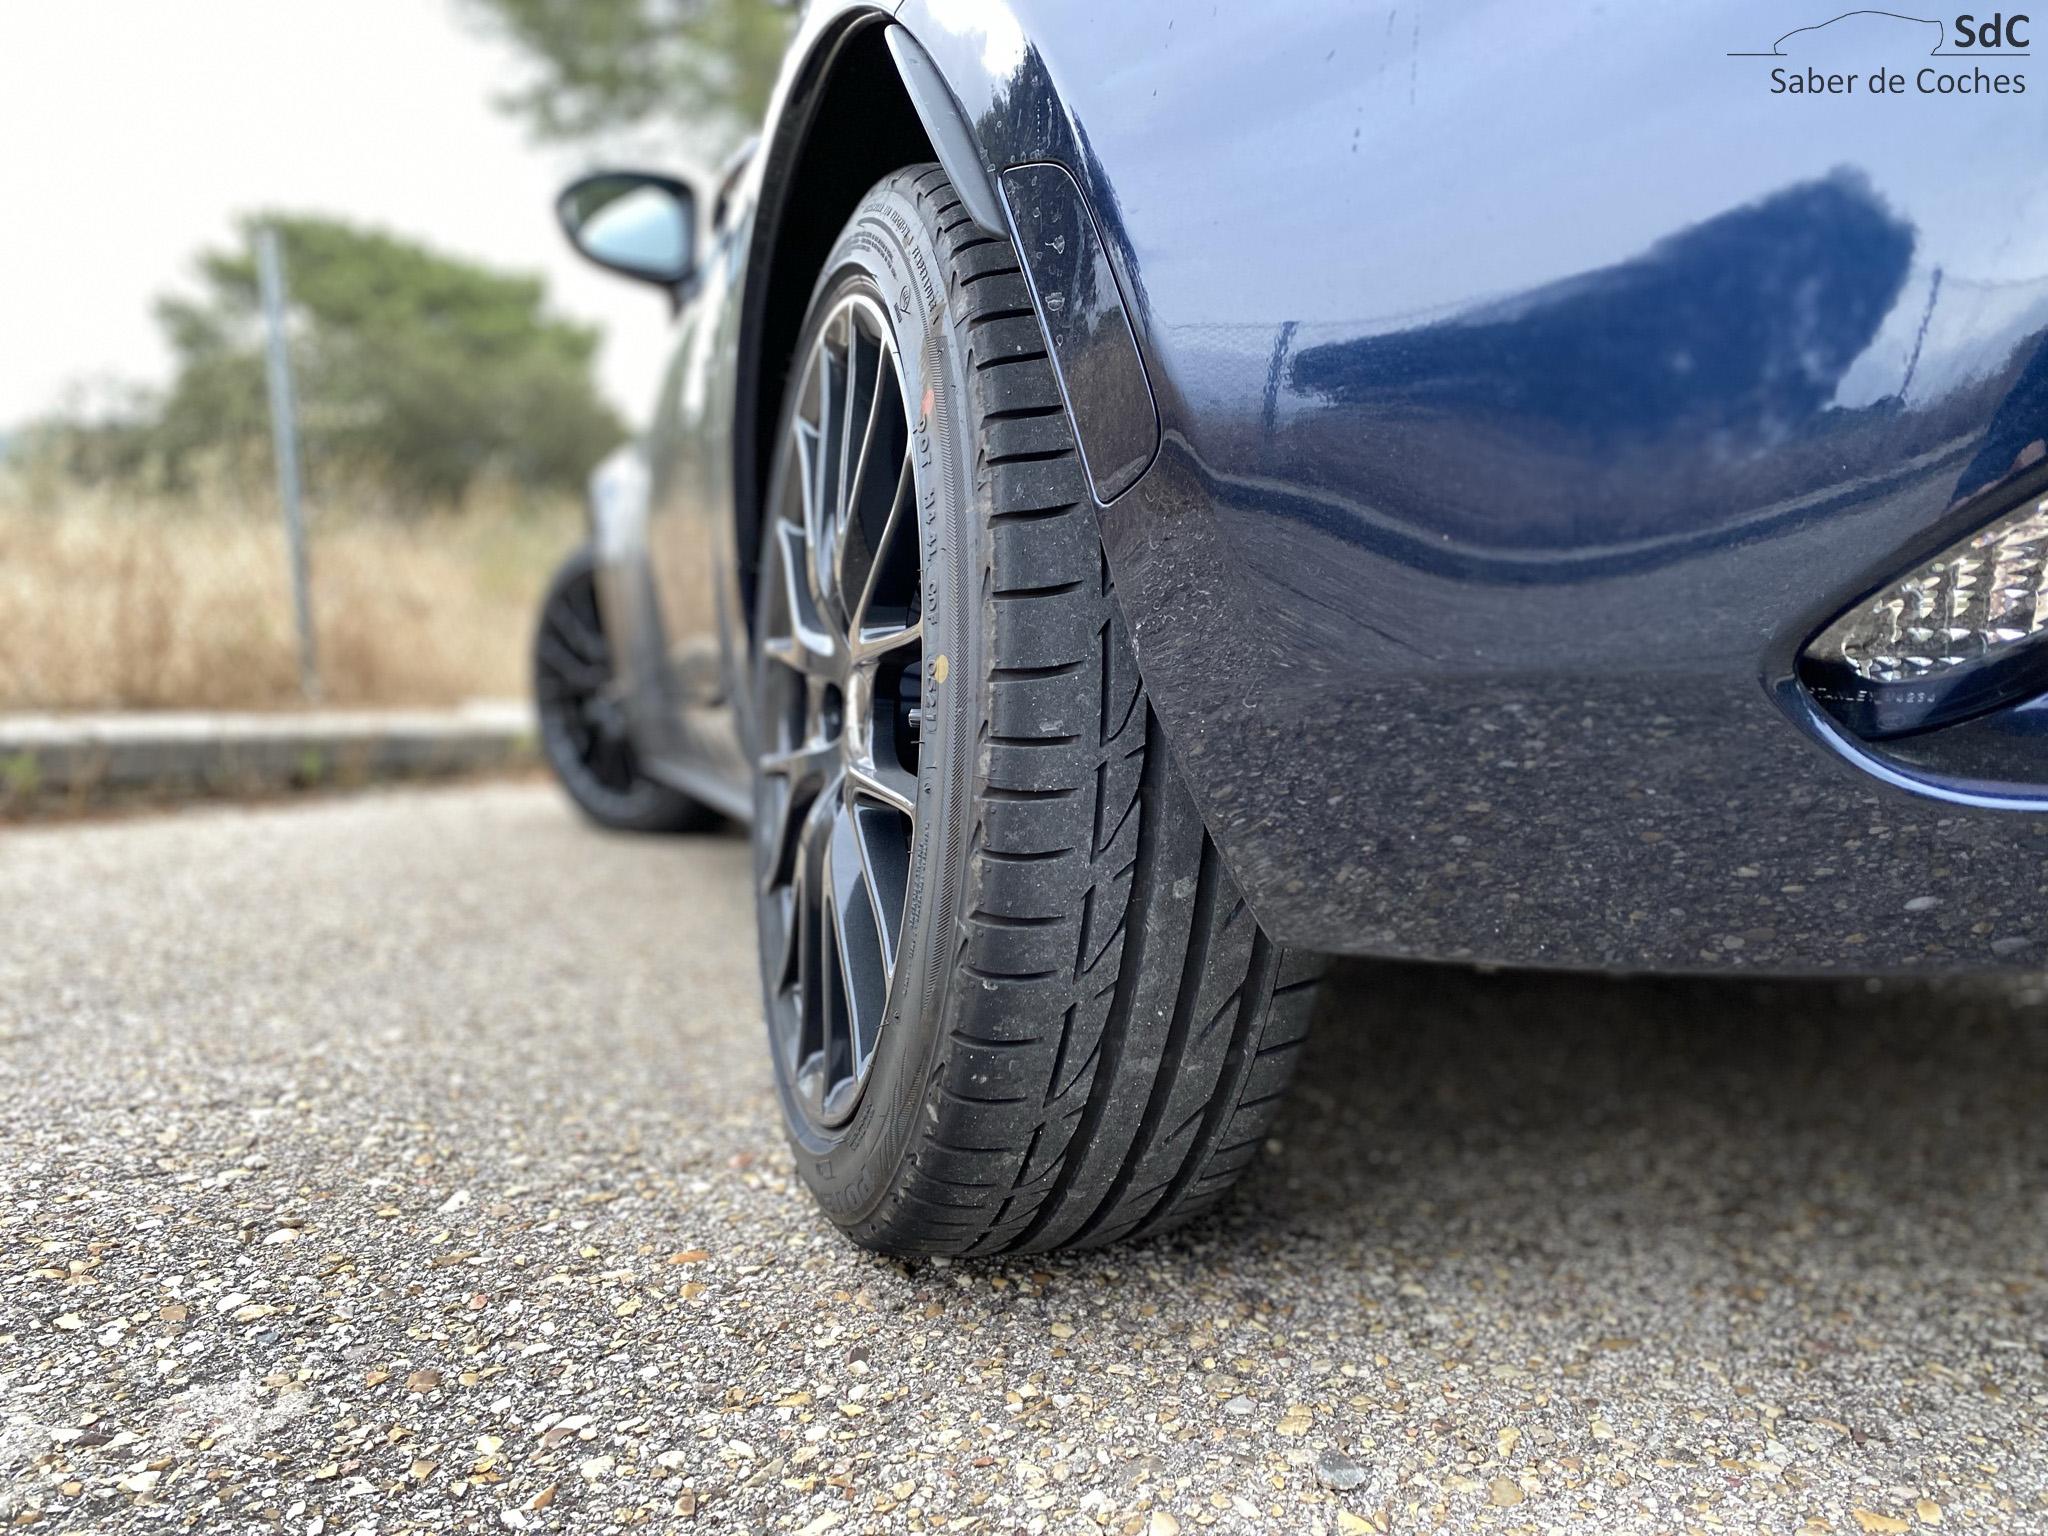 Los neumáticos son estrechos para los estándares actuales, pero ¿para qué necesitas más?